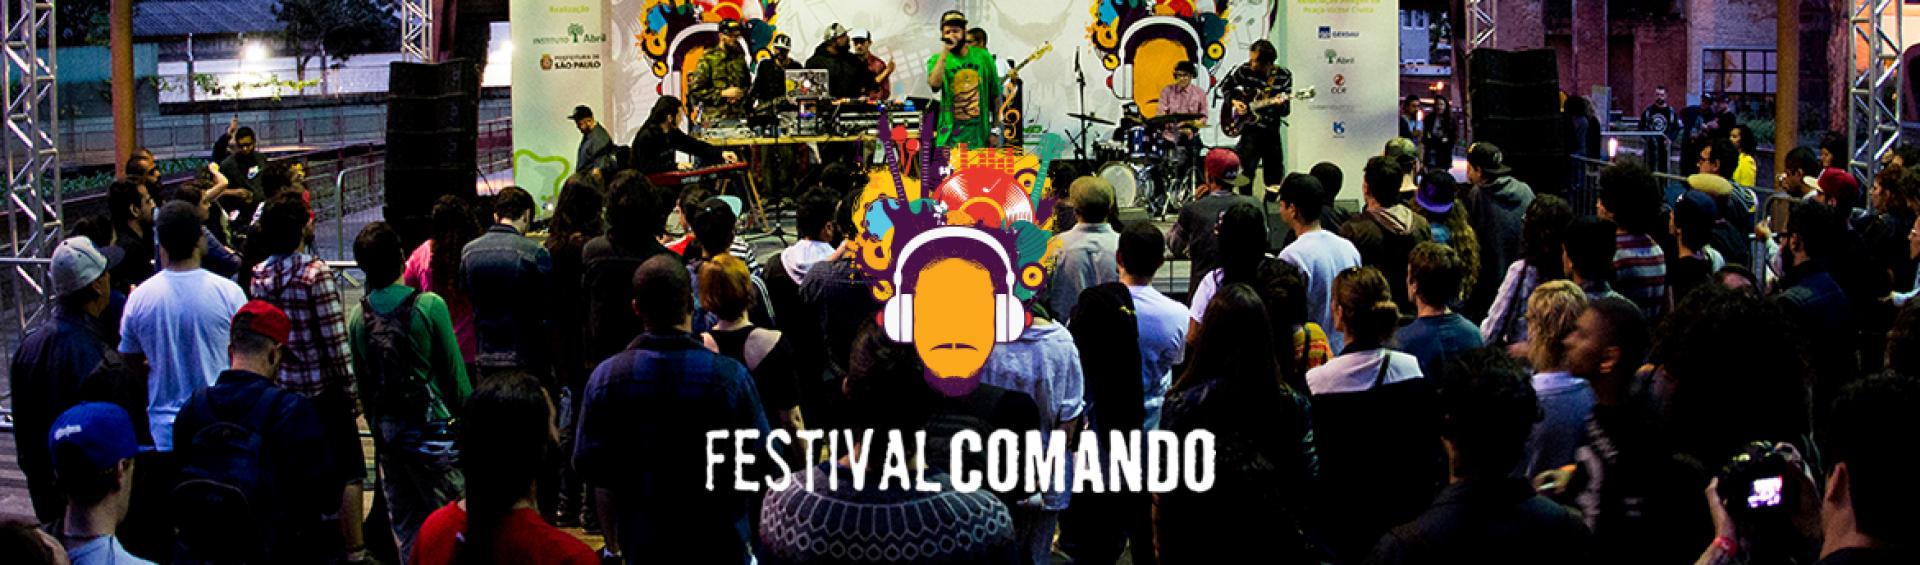 Festival Comando produtora de audio sp